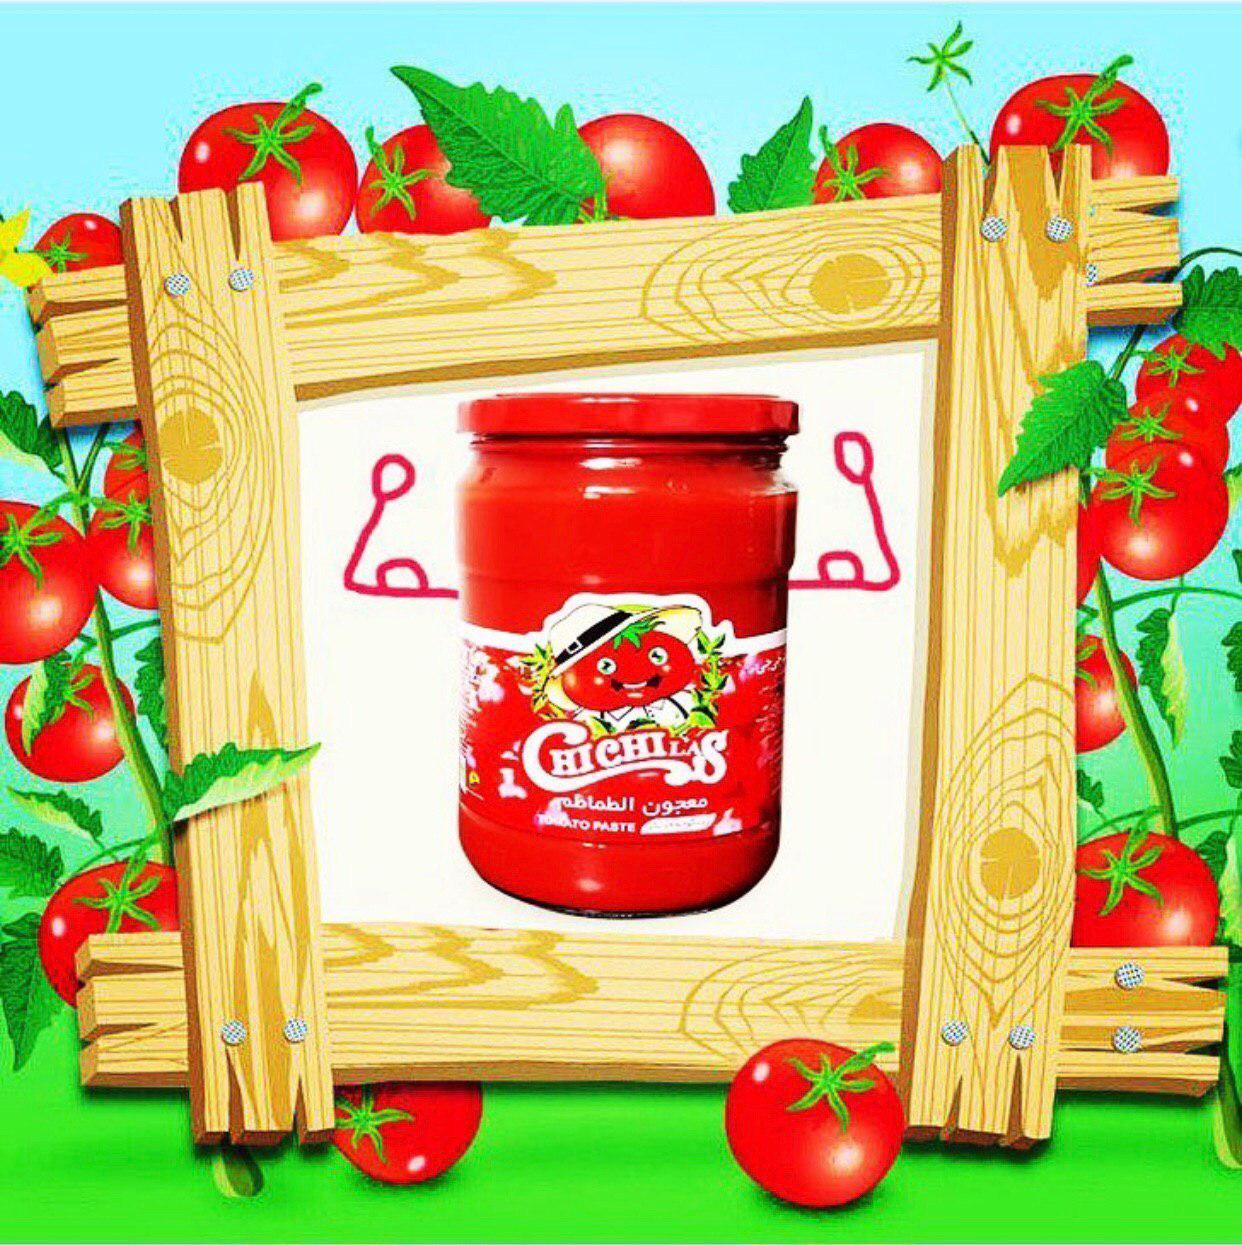 بهترین برند صادراتی رب گوجه